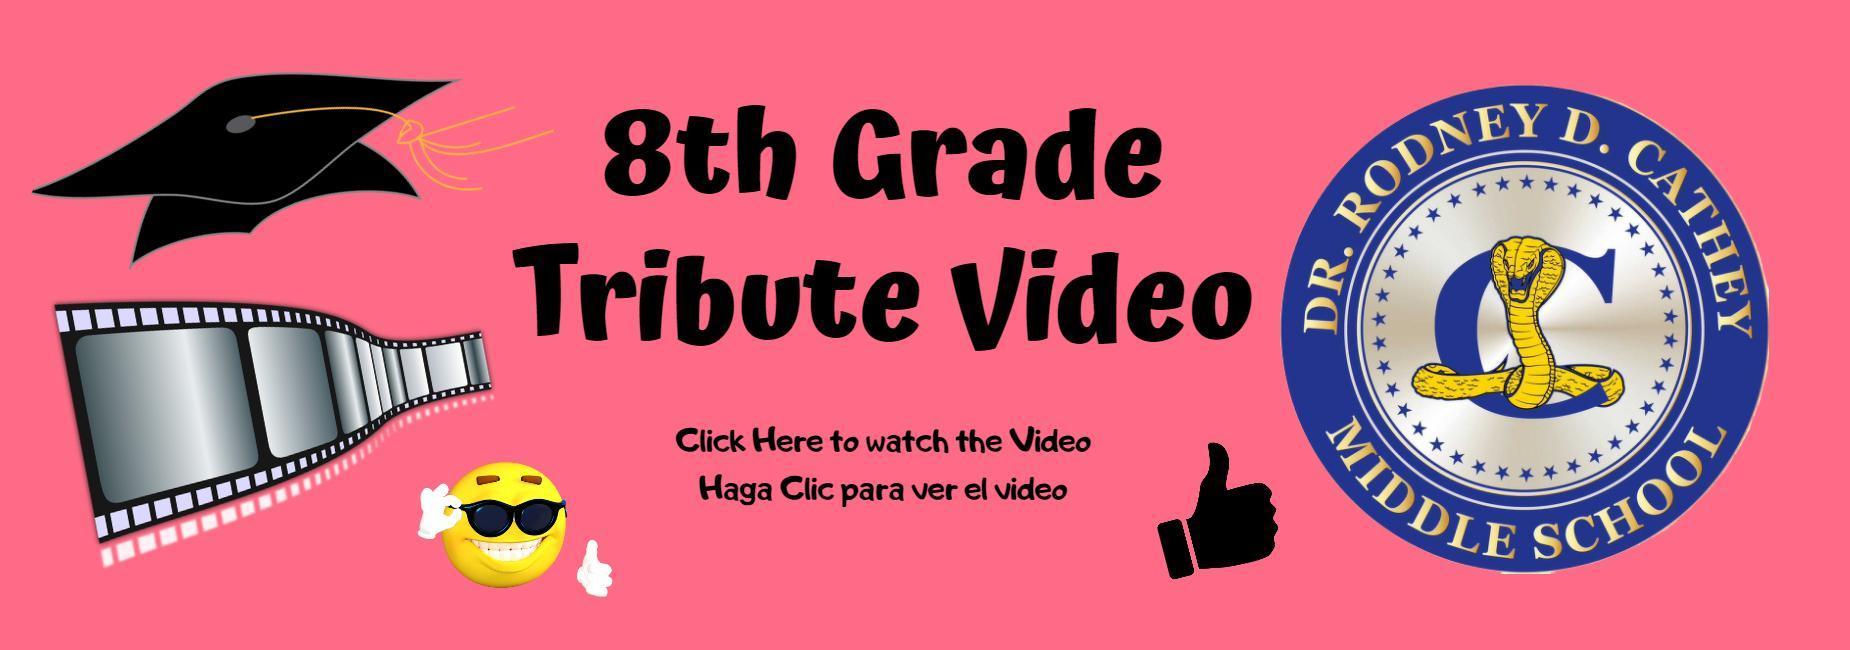 8th Grade Tribute Video Click Banner